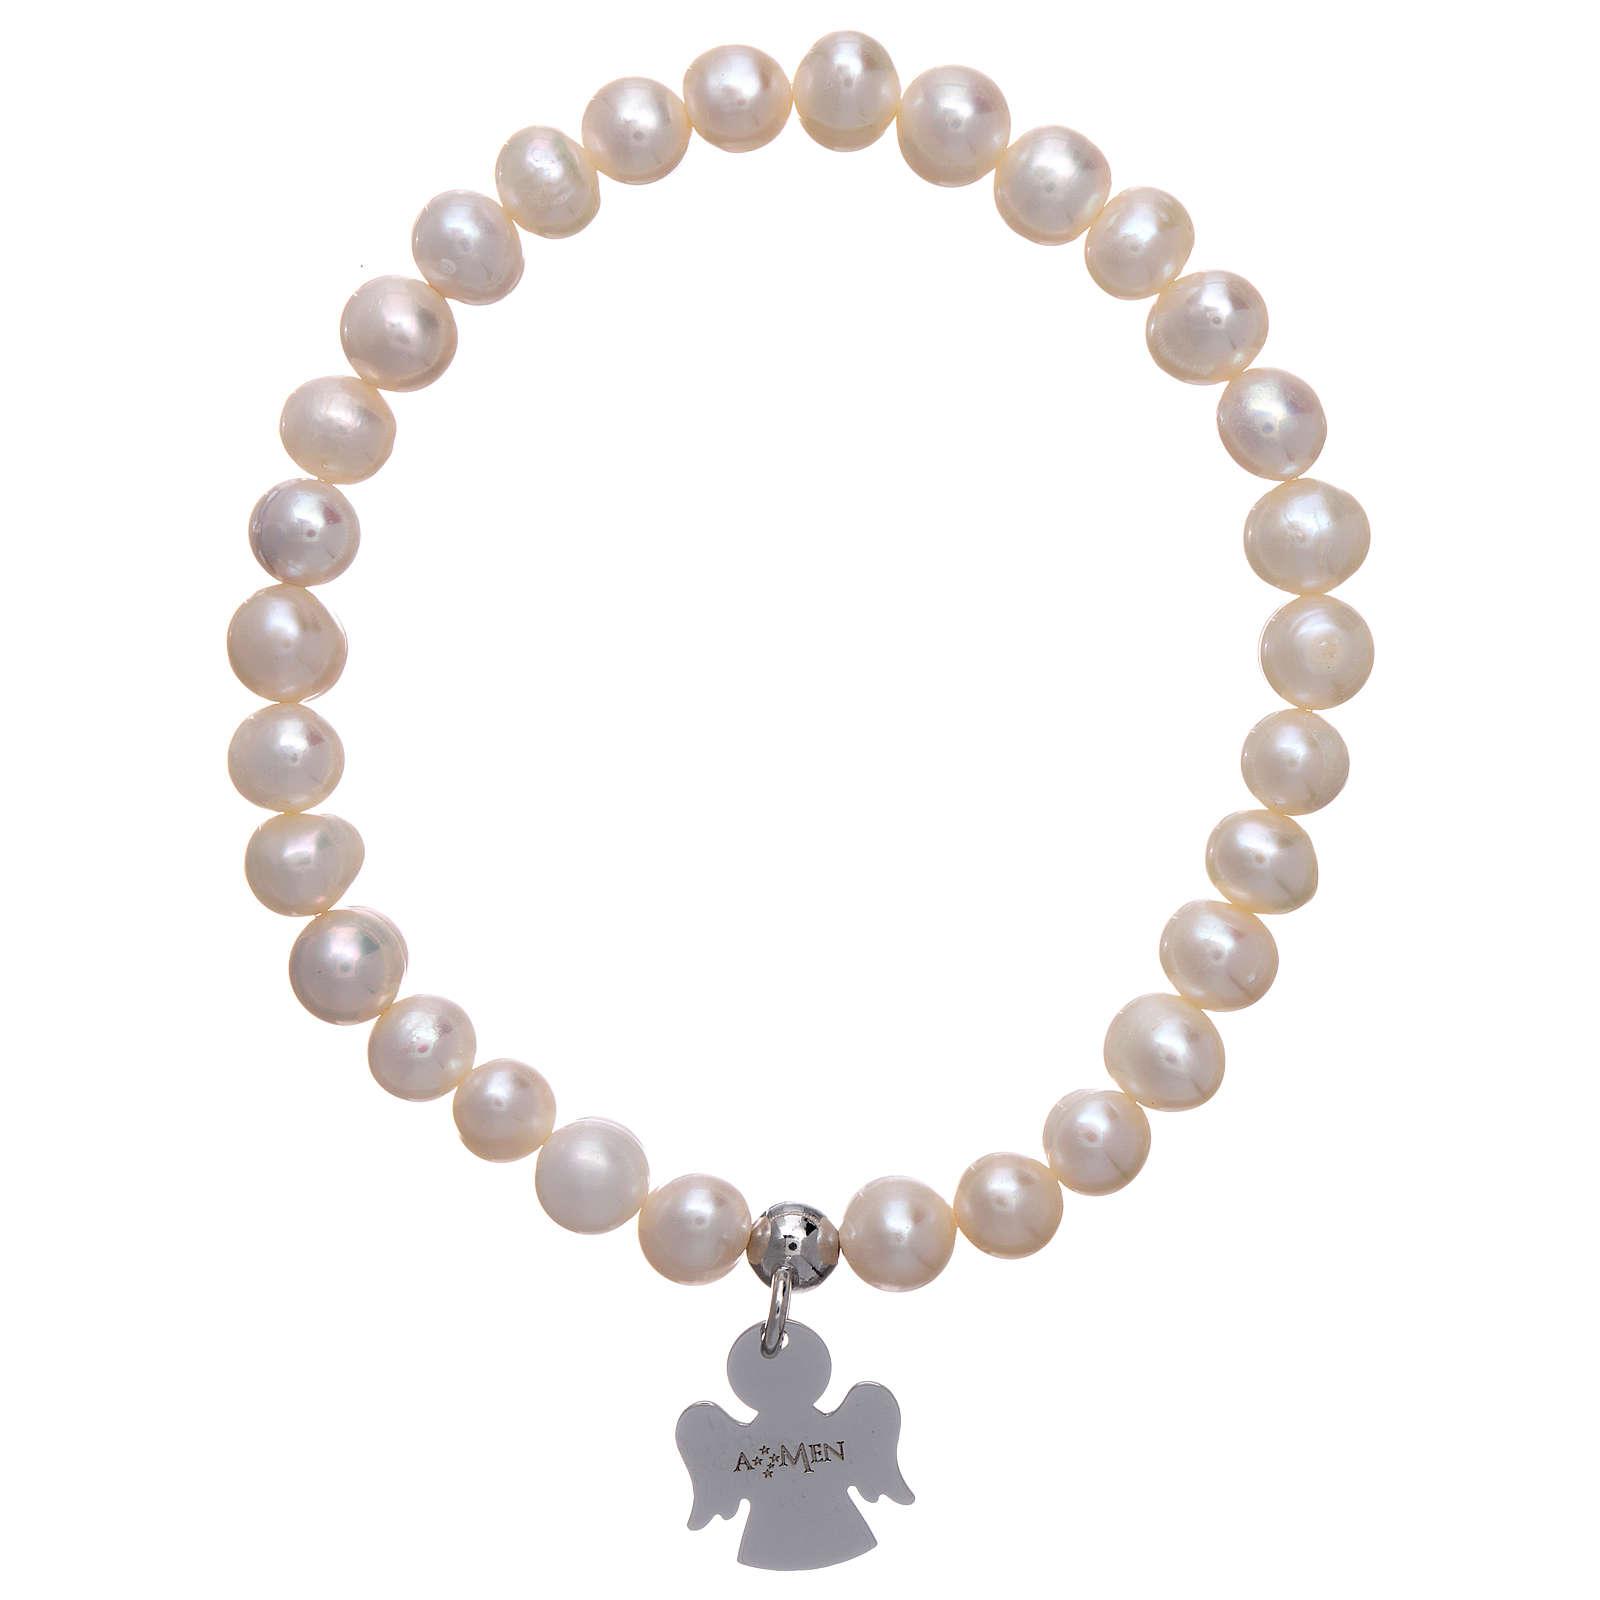 Bracciale elastico con perle tonde 6 mm AMEN Arg 925 4